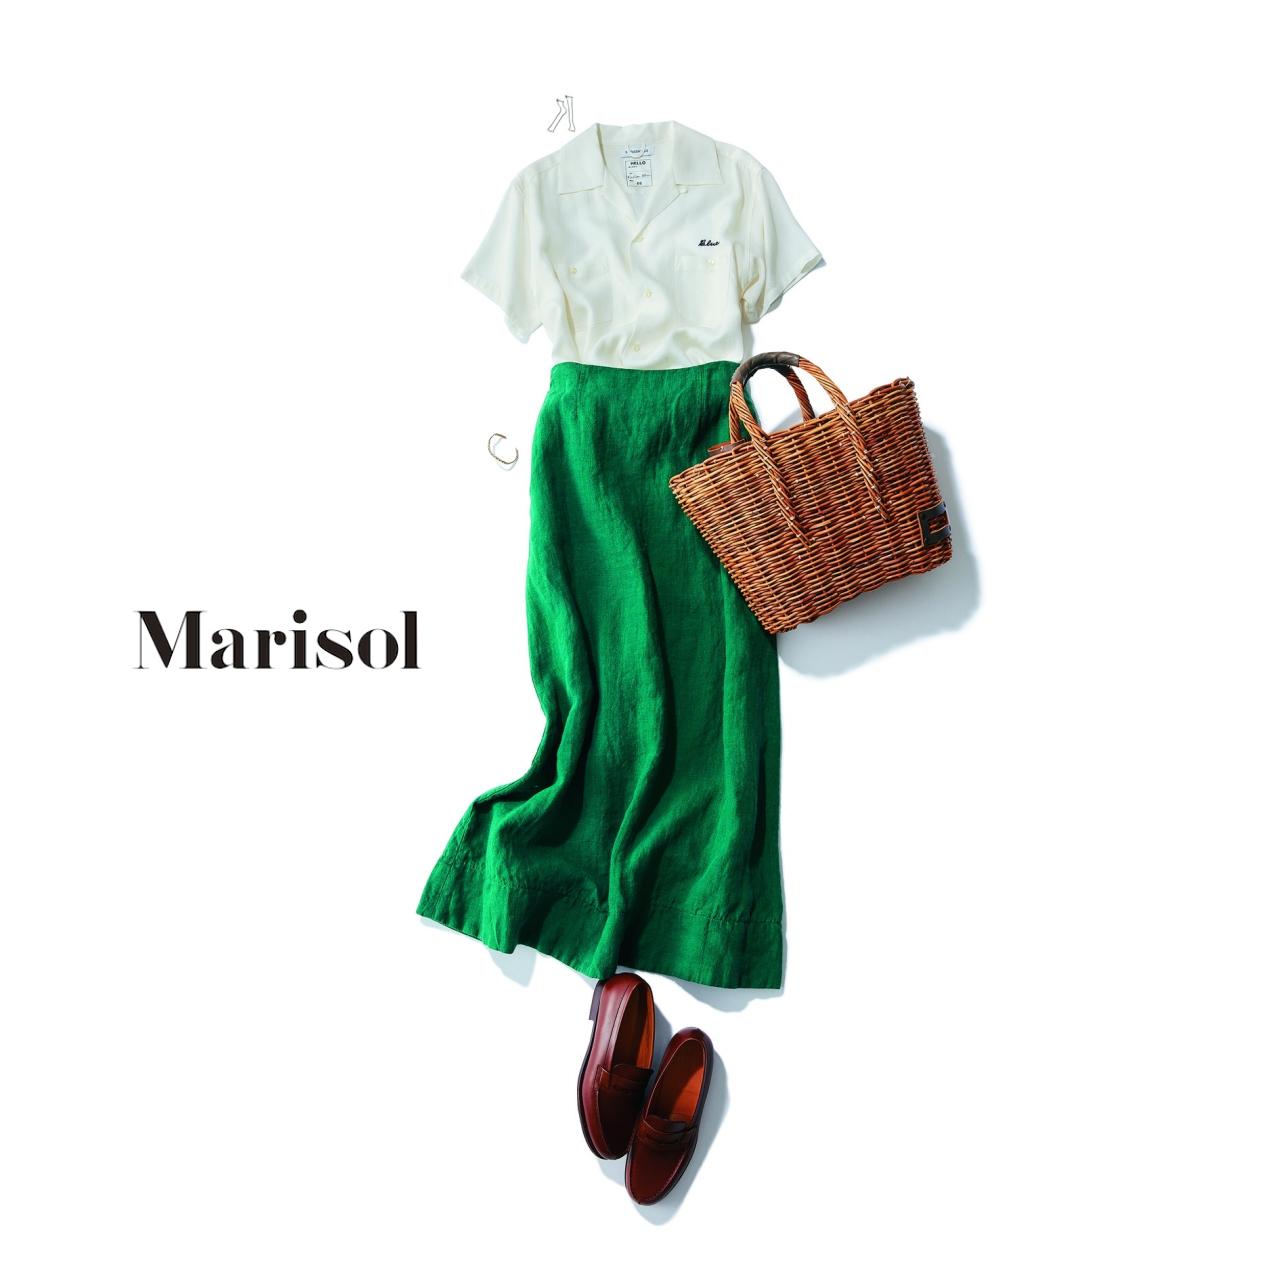 レトロな開襟シャツ×グリーンスカートコーデ